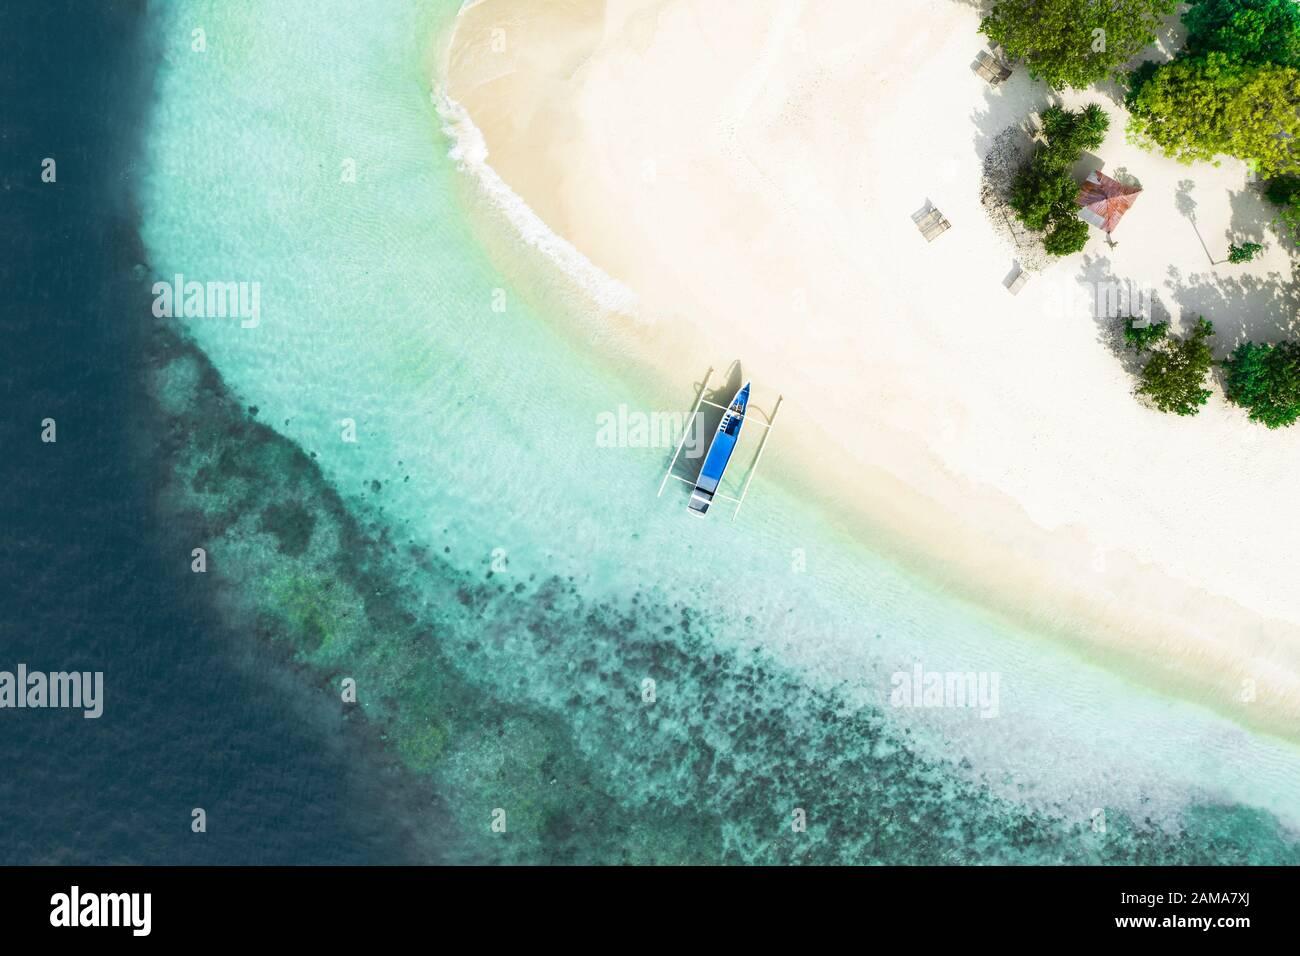 Vista desde arriba, impresionantes vistas aéreas de Gili Kedis con una hermosa playa de arena blanca bañada por una turquesa y aguas cristalinas. Foto de stock